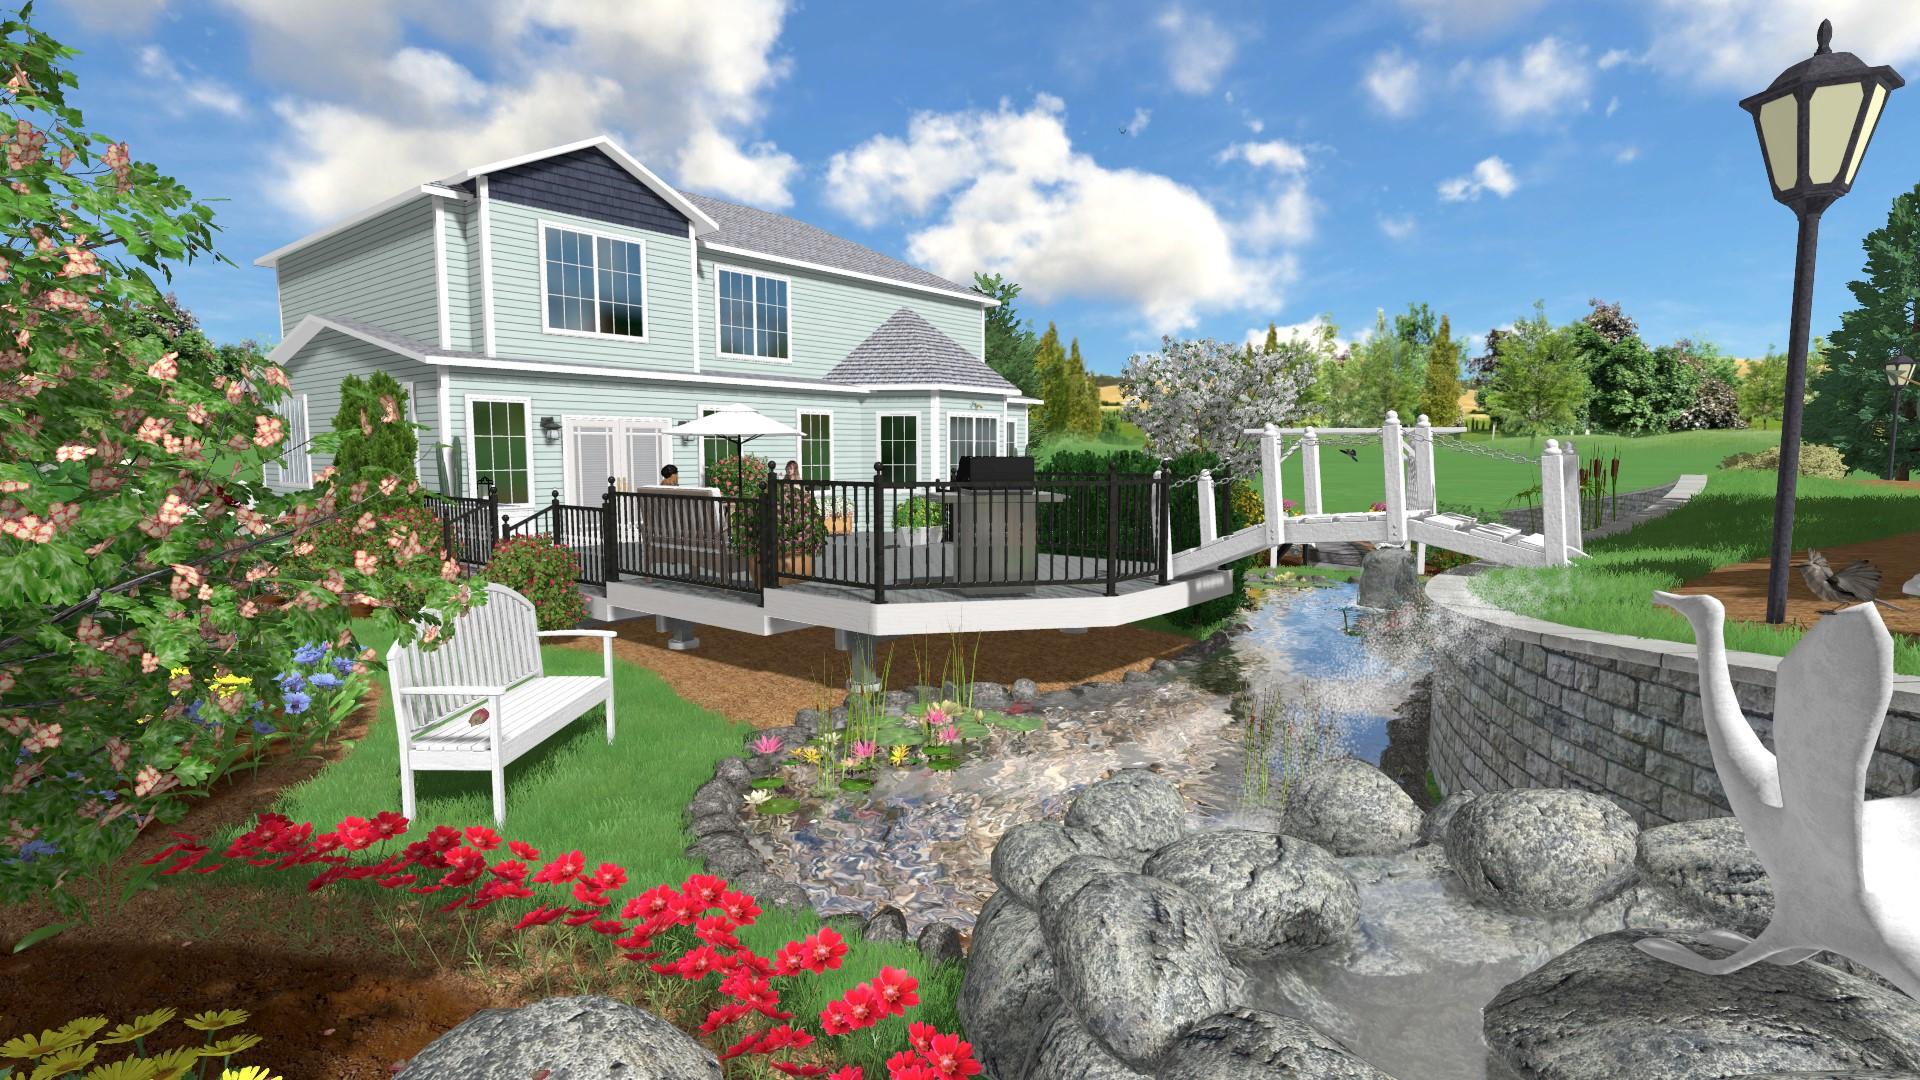 Landscape design software 3d landscaping best free for Architect 3d home landscape design